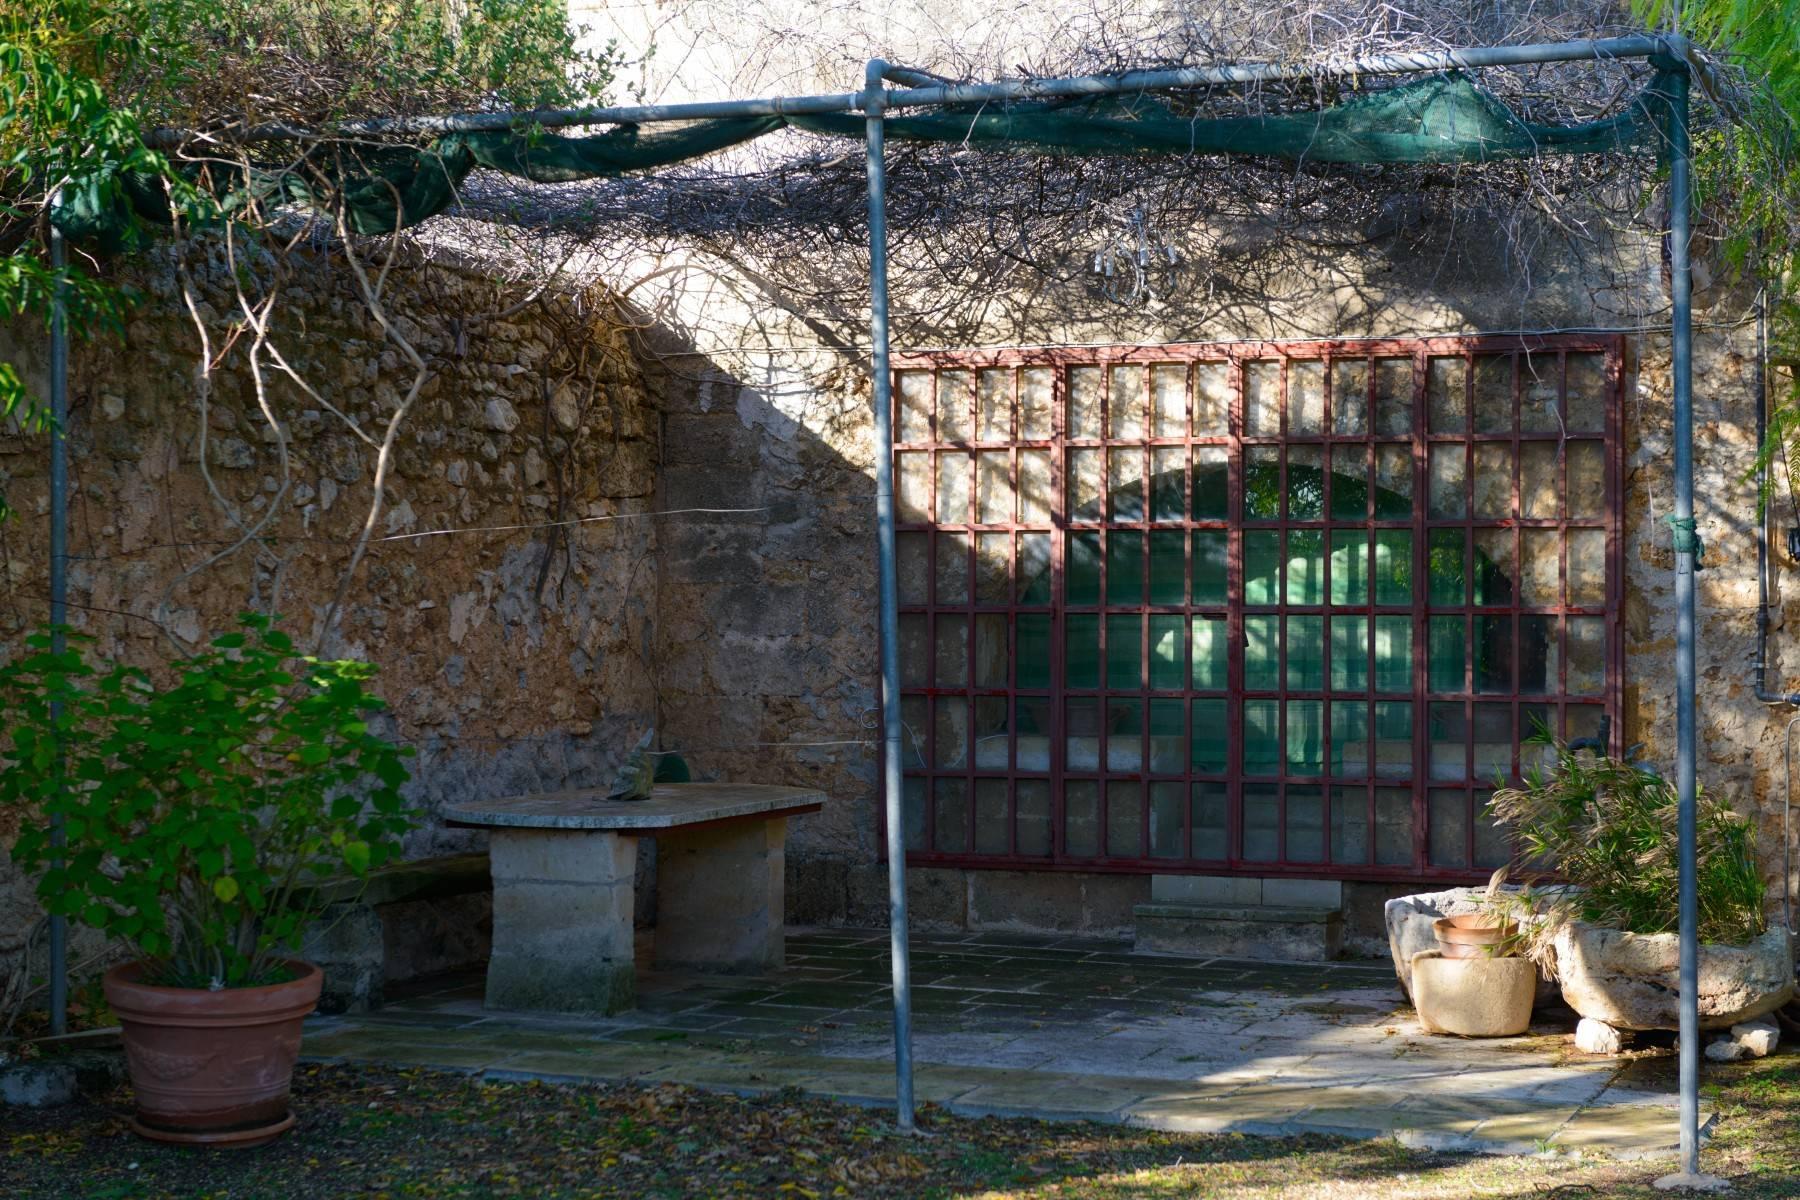 坐落于著名的Masseria Caracciolo住宅区内的优雅别墅 - 8